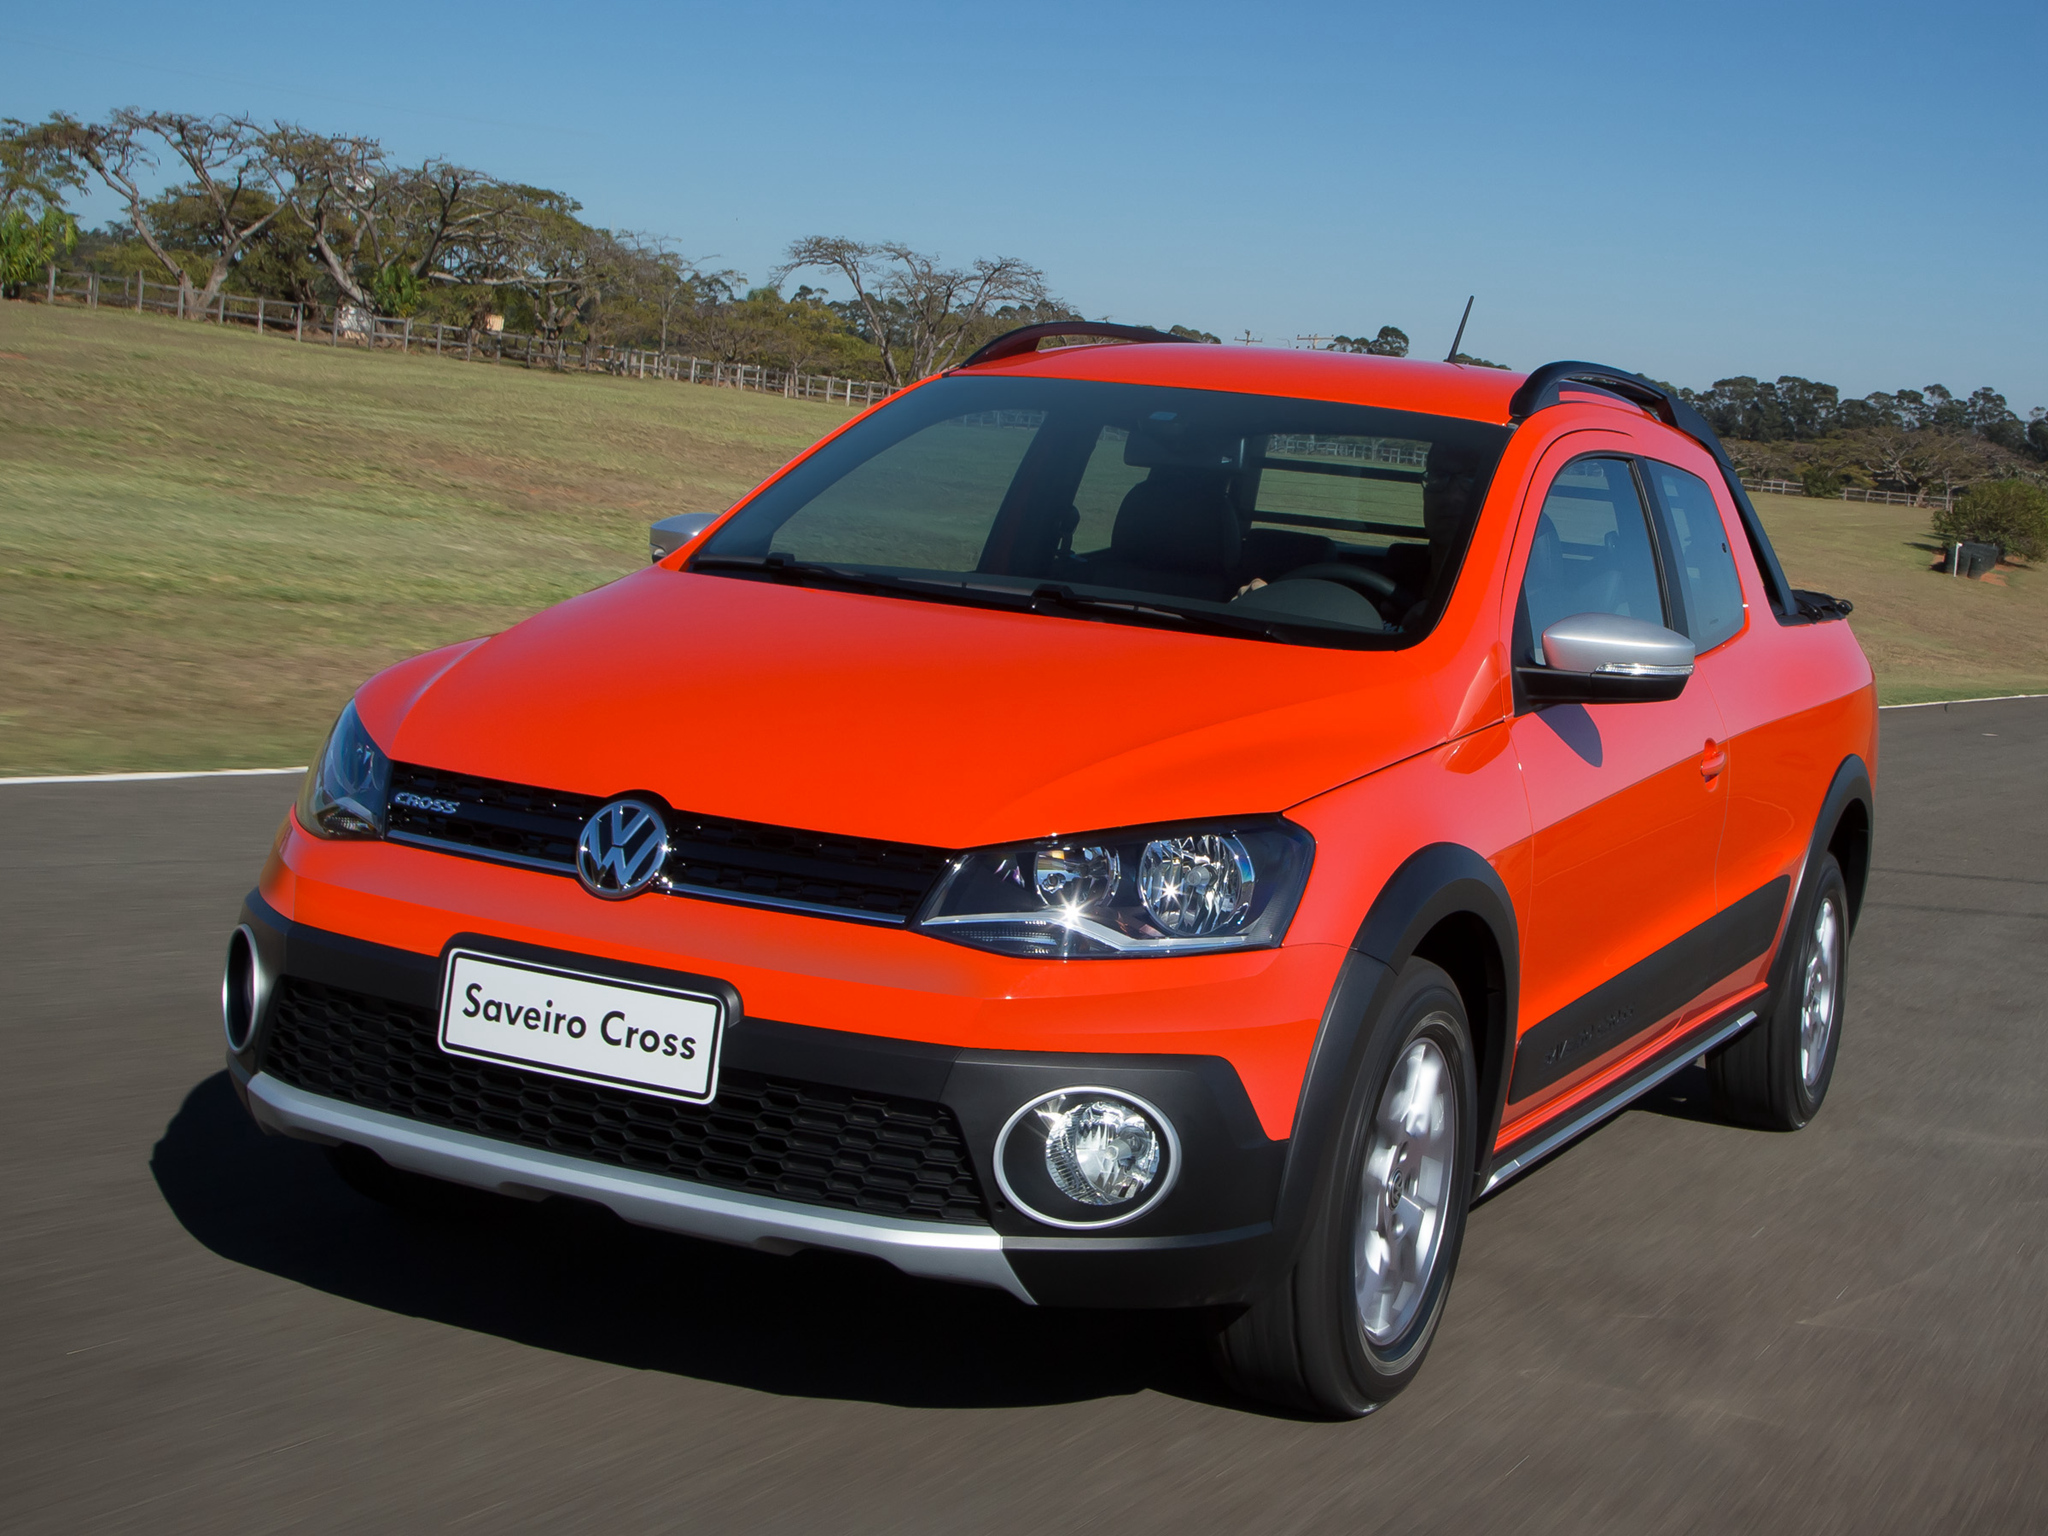 2014 Volkswagen Saveiro Cross Pickup Gets Crew Cab Version